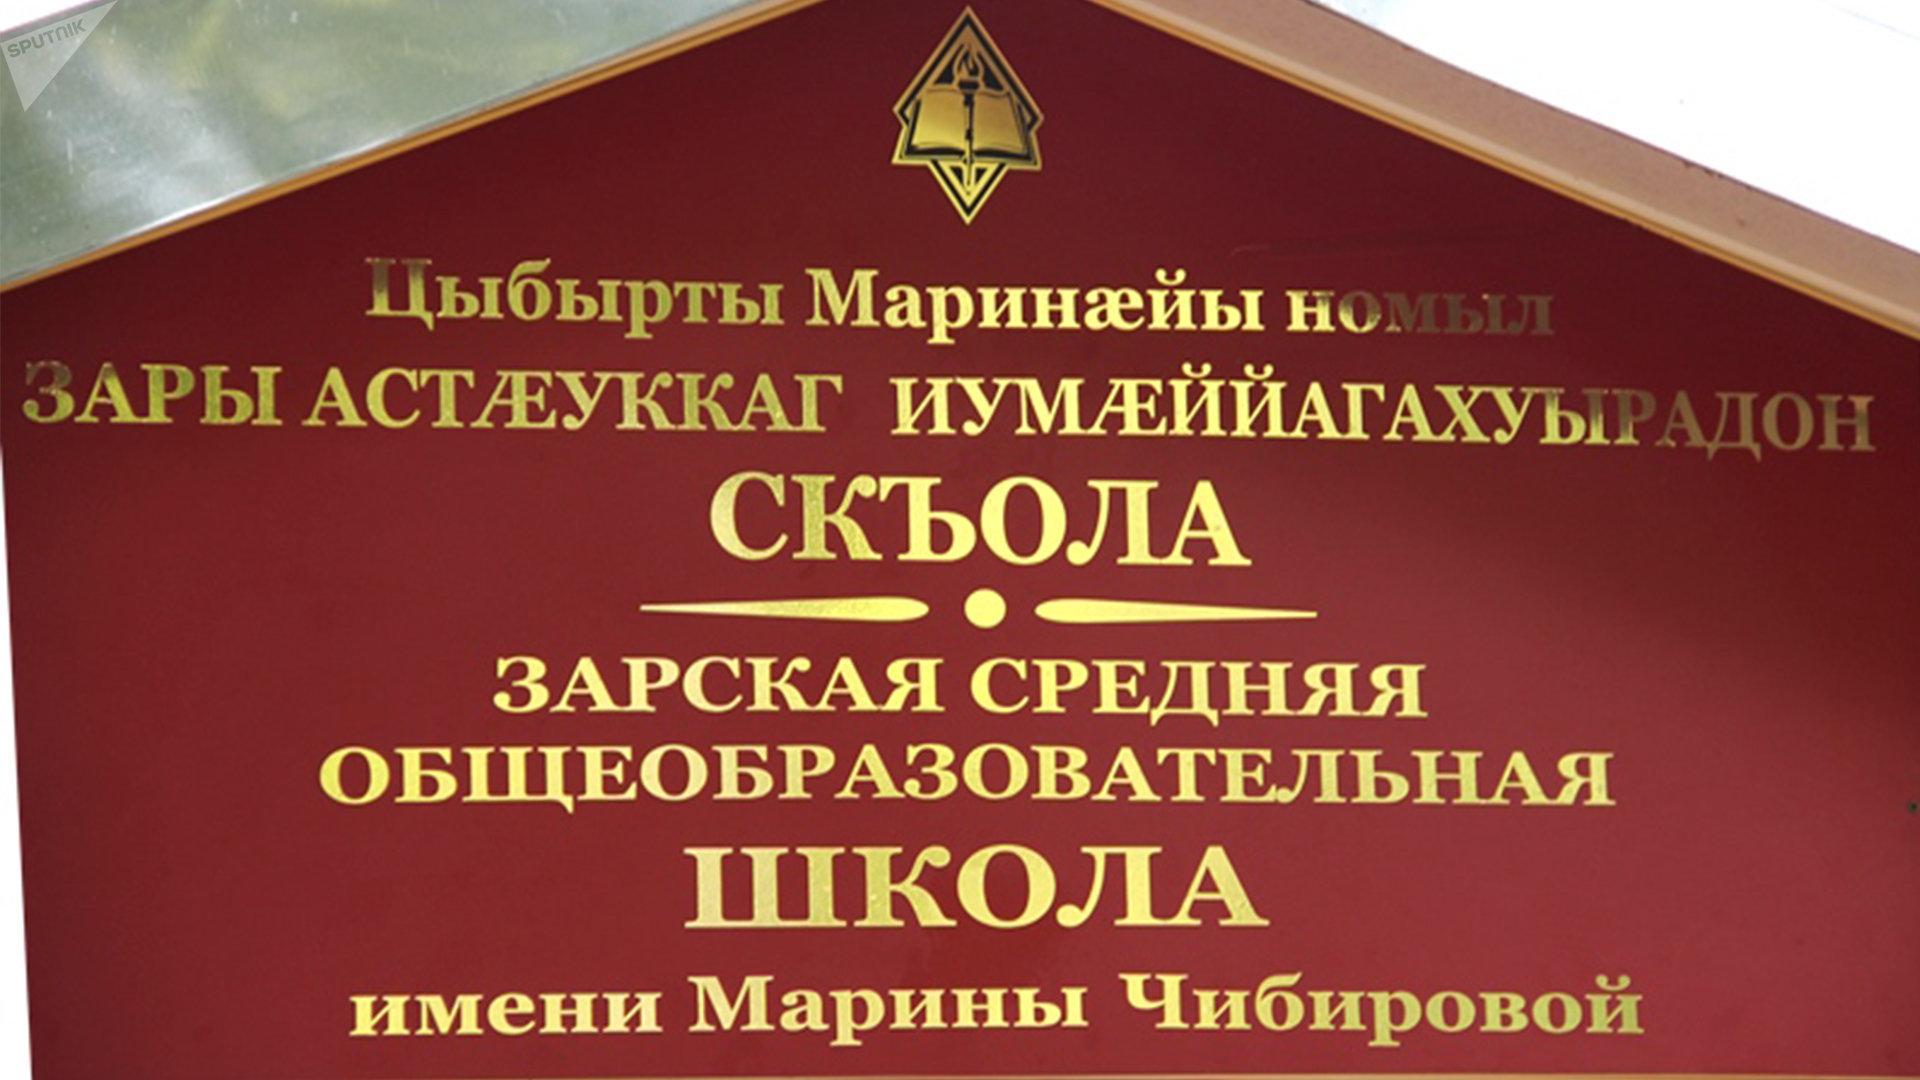 Зарской школе присвоено имя Марины Чибировой